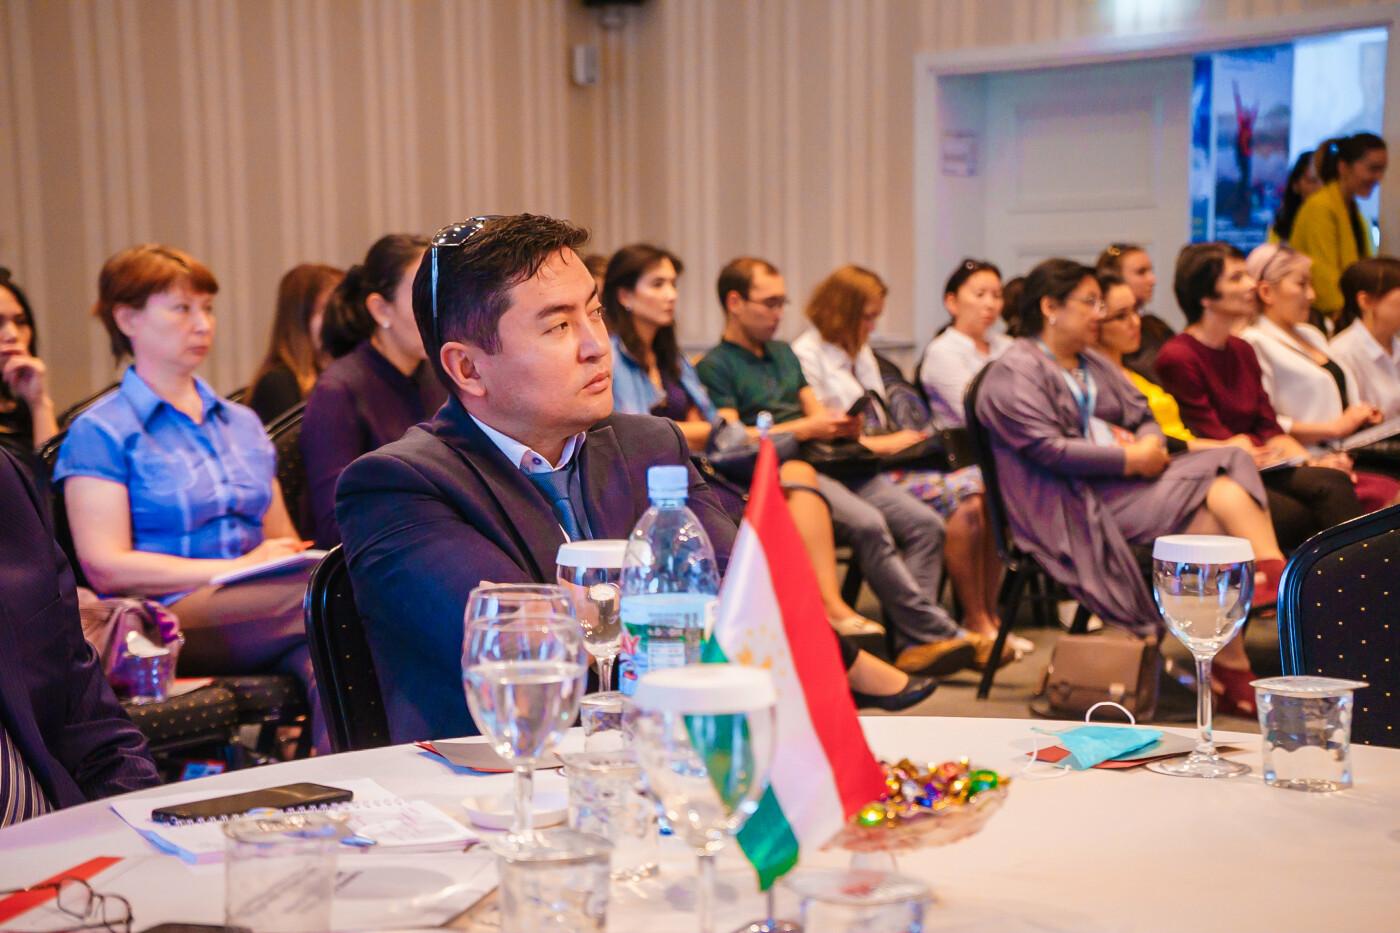 В Алматы решали, кто должен заниматься диабетом: пациент, врач или минздрав, фото-6